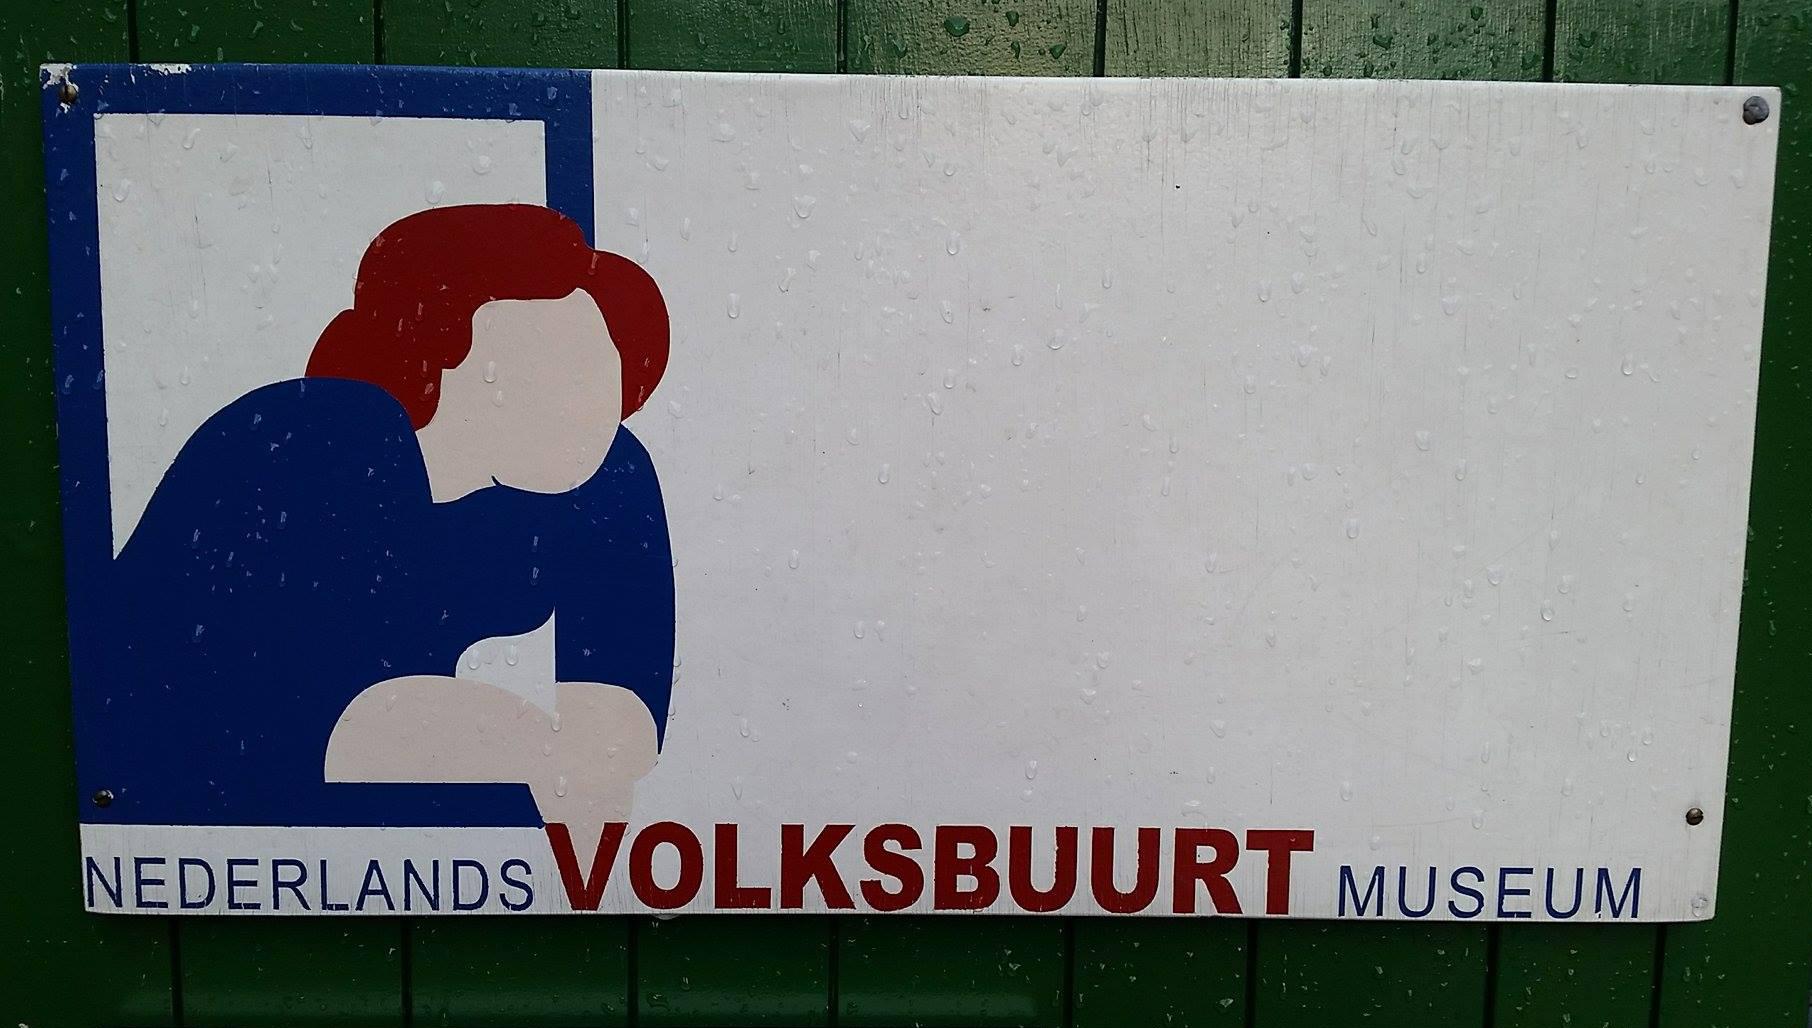 Nederlands volksbuurt museum – Utrecht